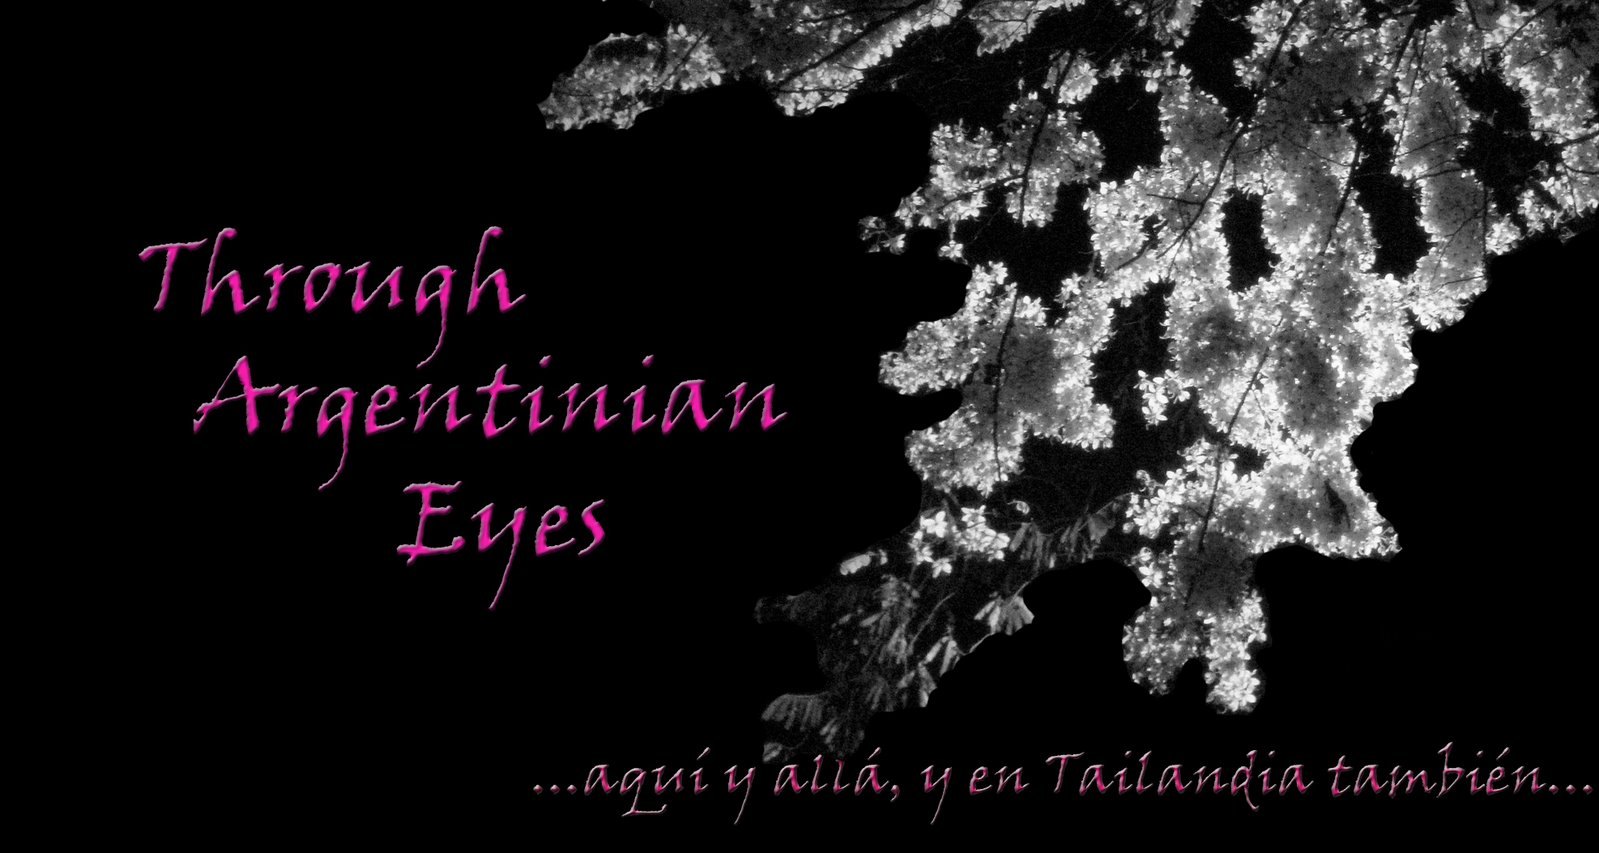 Through Argentinian Eyes